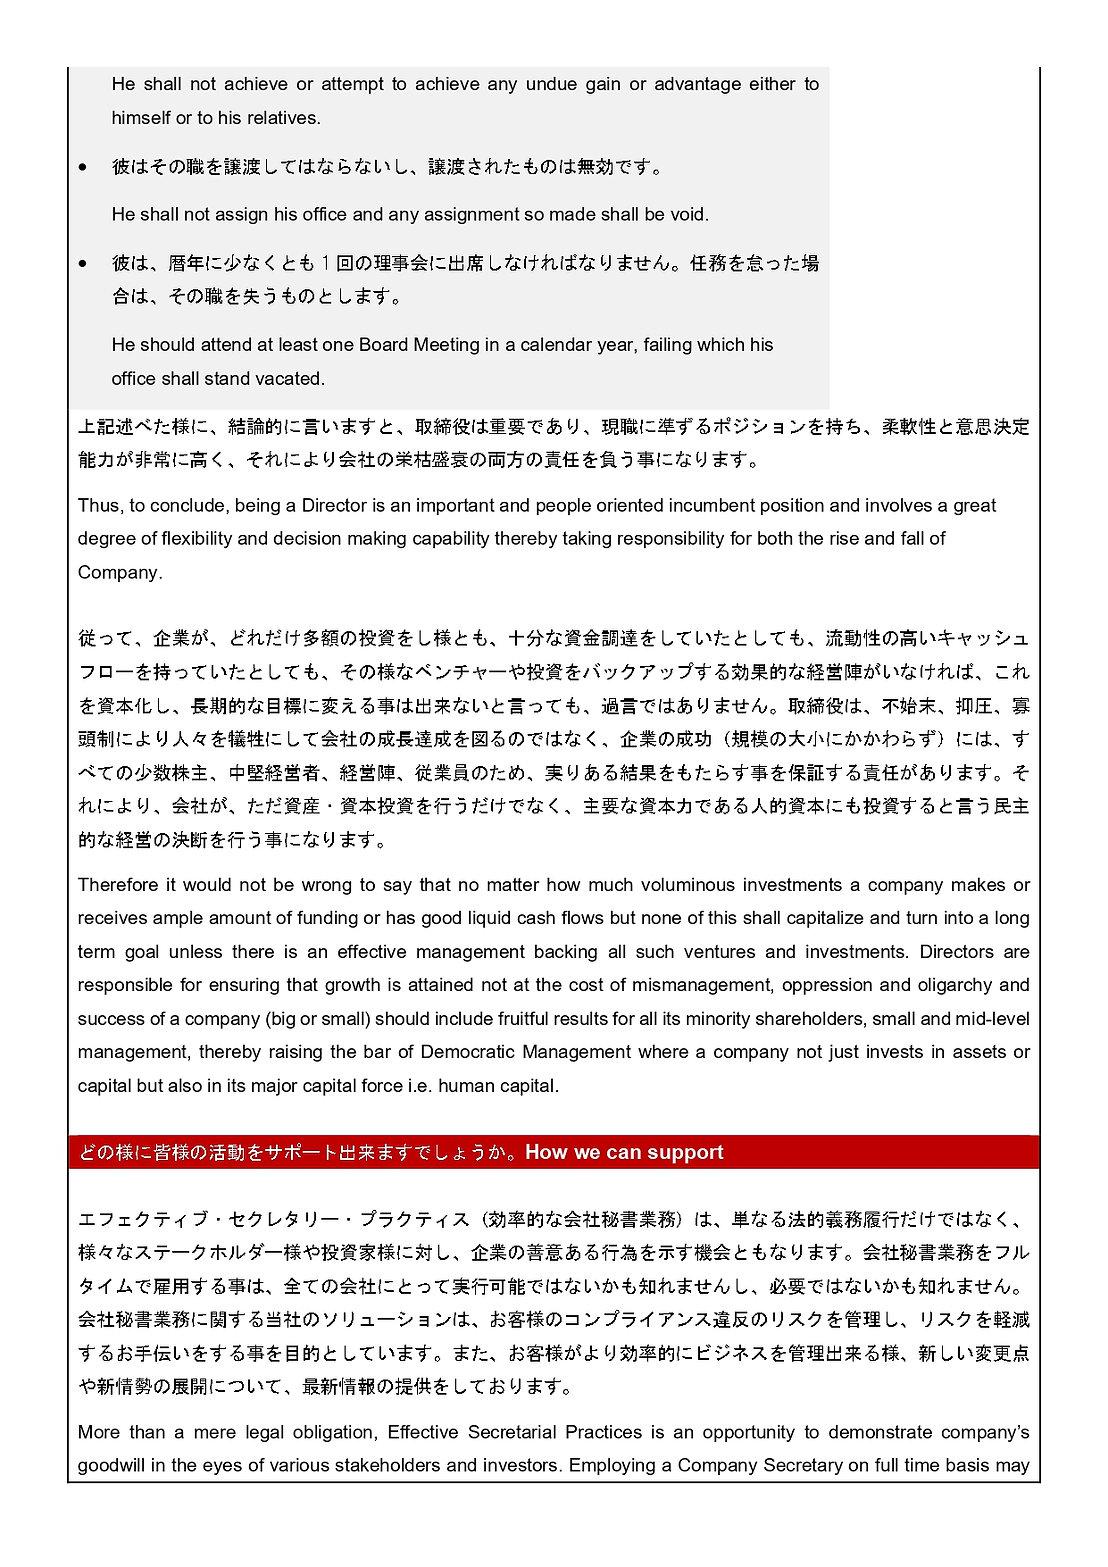 インド会社法に基づく取締役の任命_page-0004.jpg